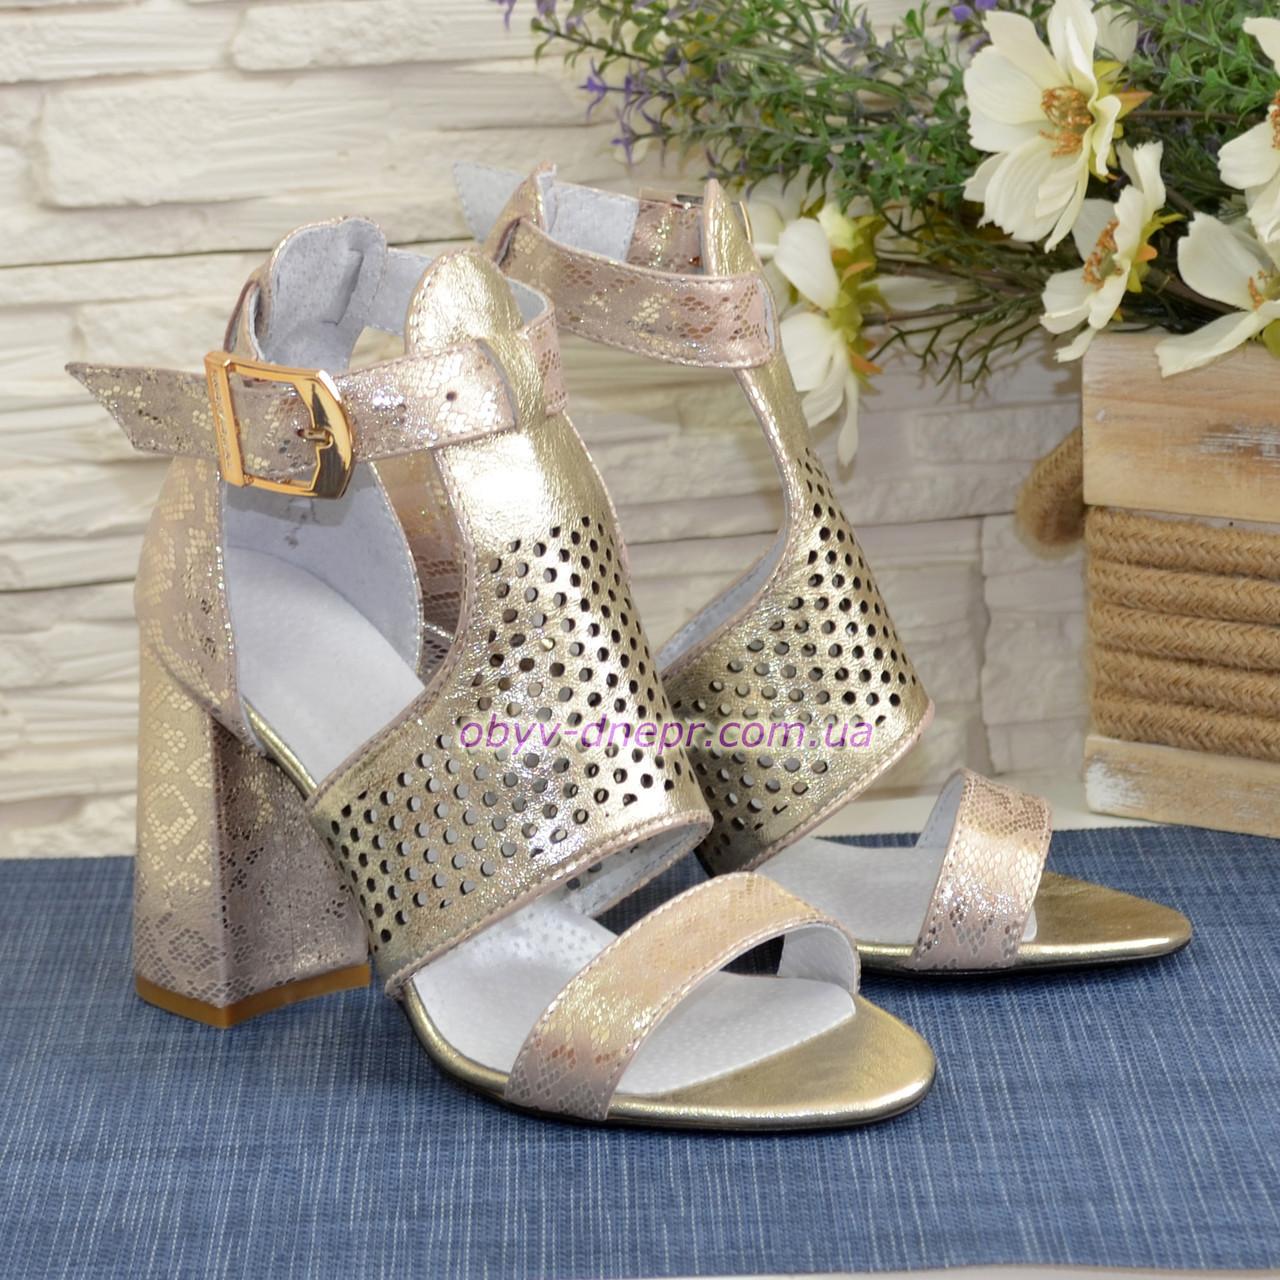 Стильные женские кожаные босоножки на высоком устойчивом каблуке, цвет золото. 37 размер